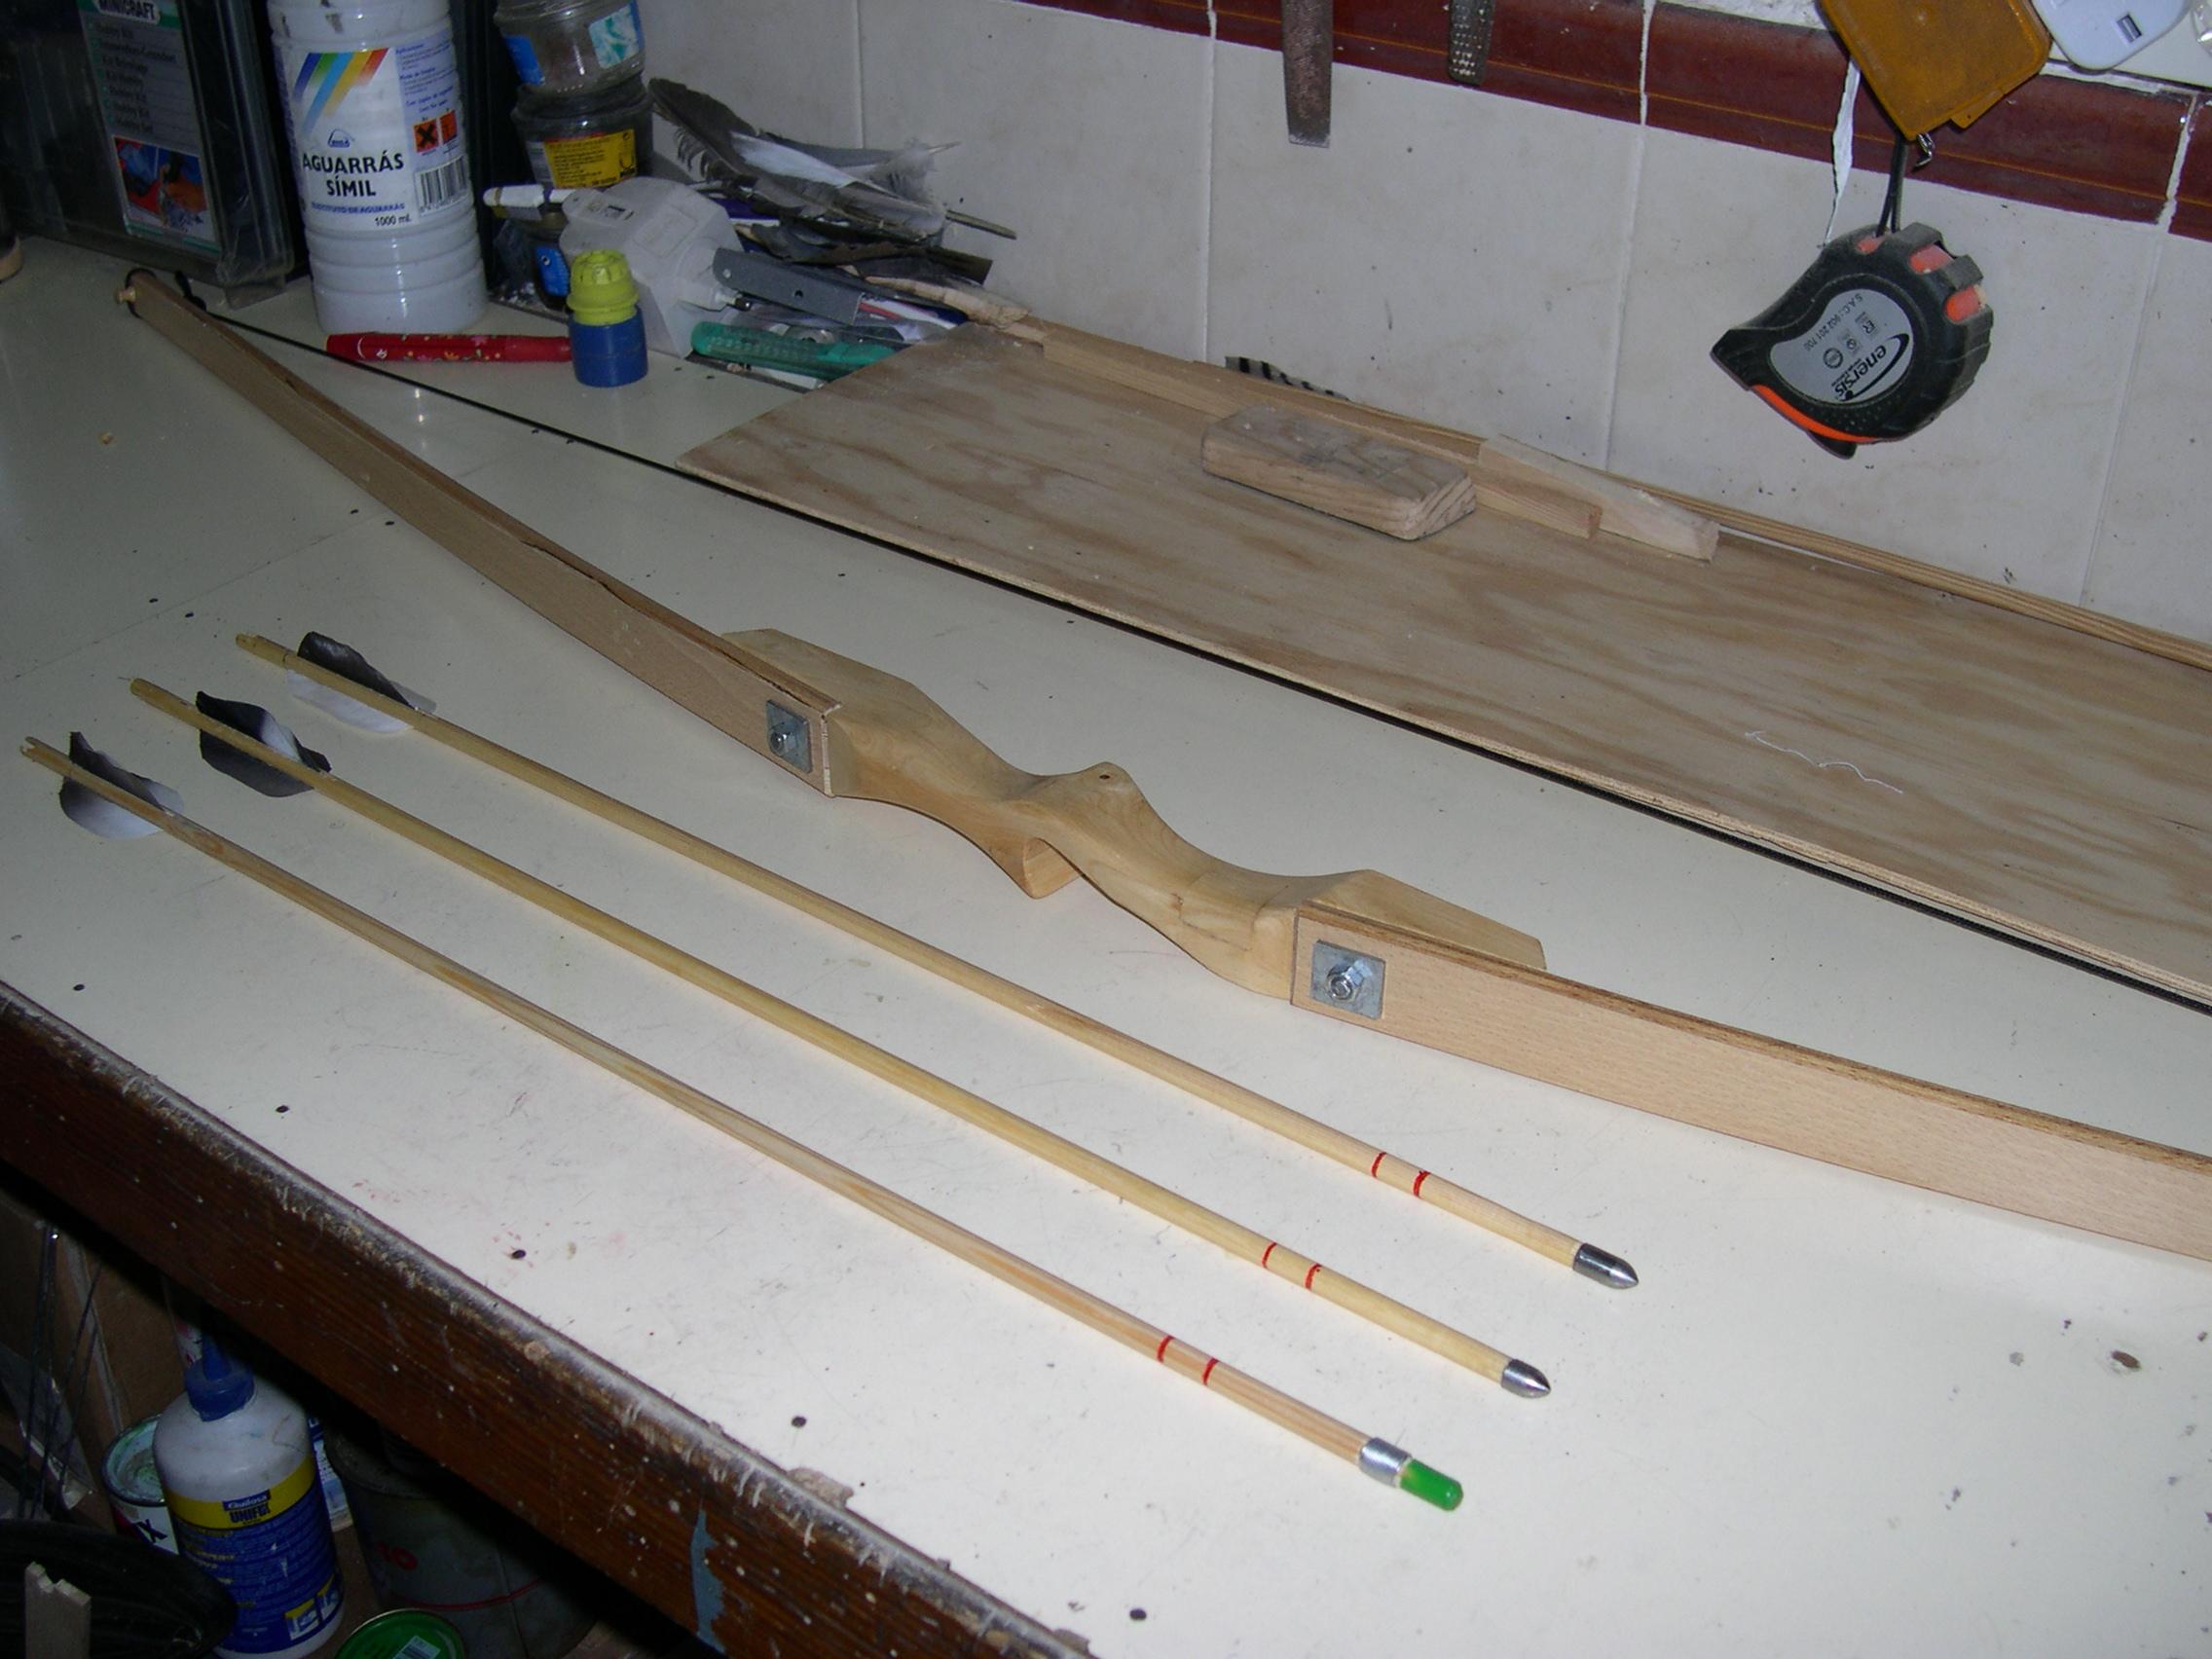 Arco casero con palas de somier for Bar casero de madera